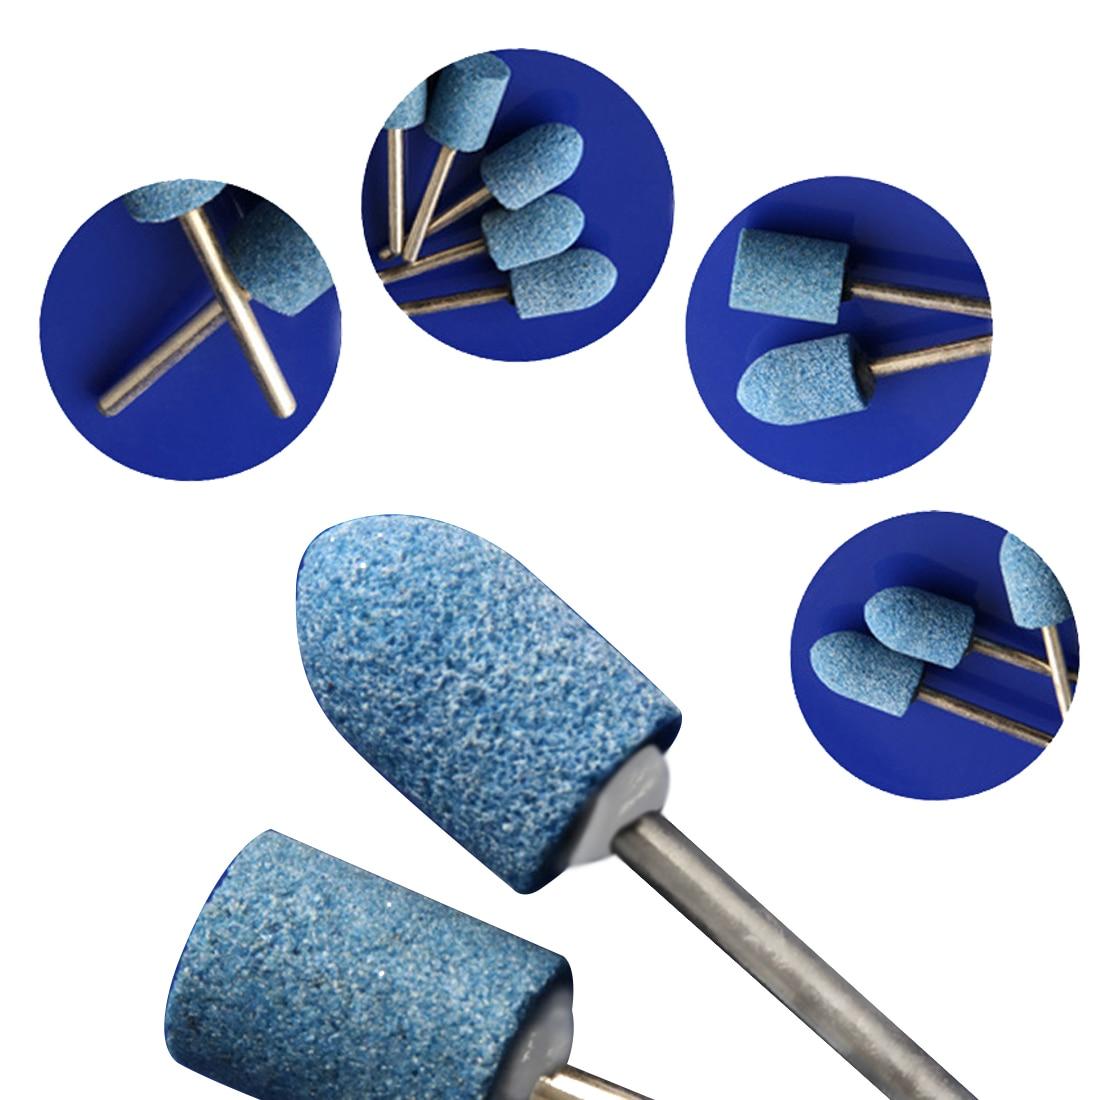 10ks / sada brusného kamene pro brusný kámen rotačních - Brusné nástroje - Fotografie 2